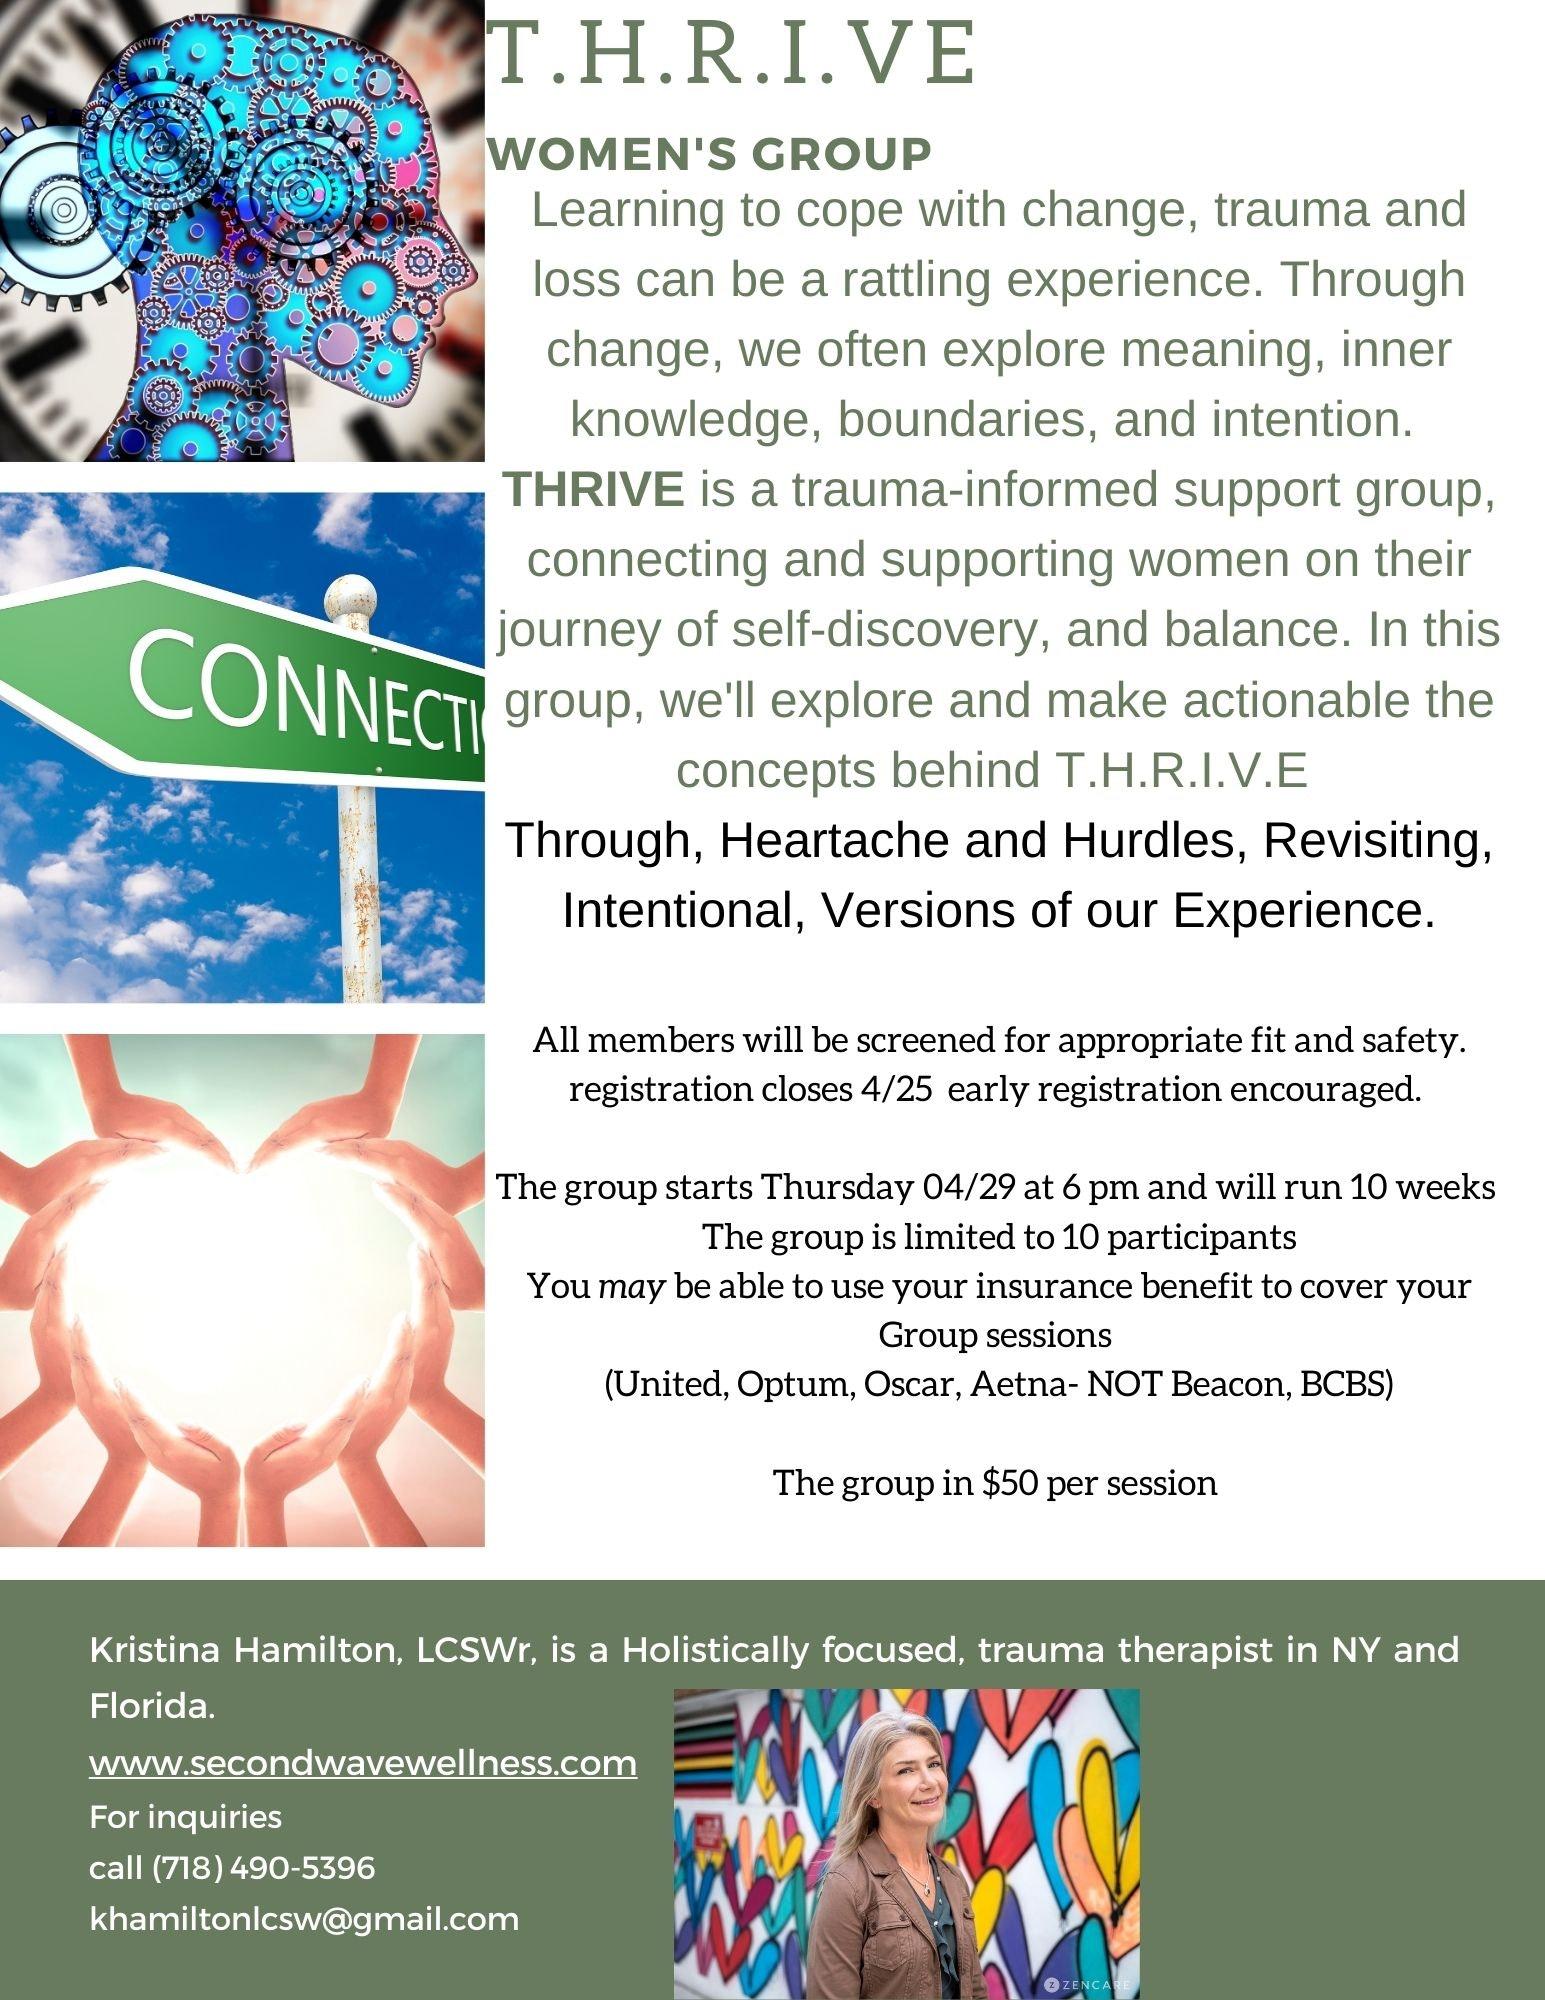 T.H.R.I.V.E  Trauma informed Women's Group